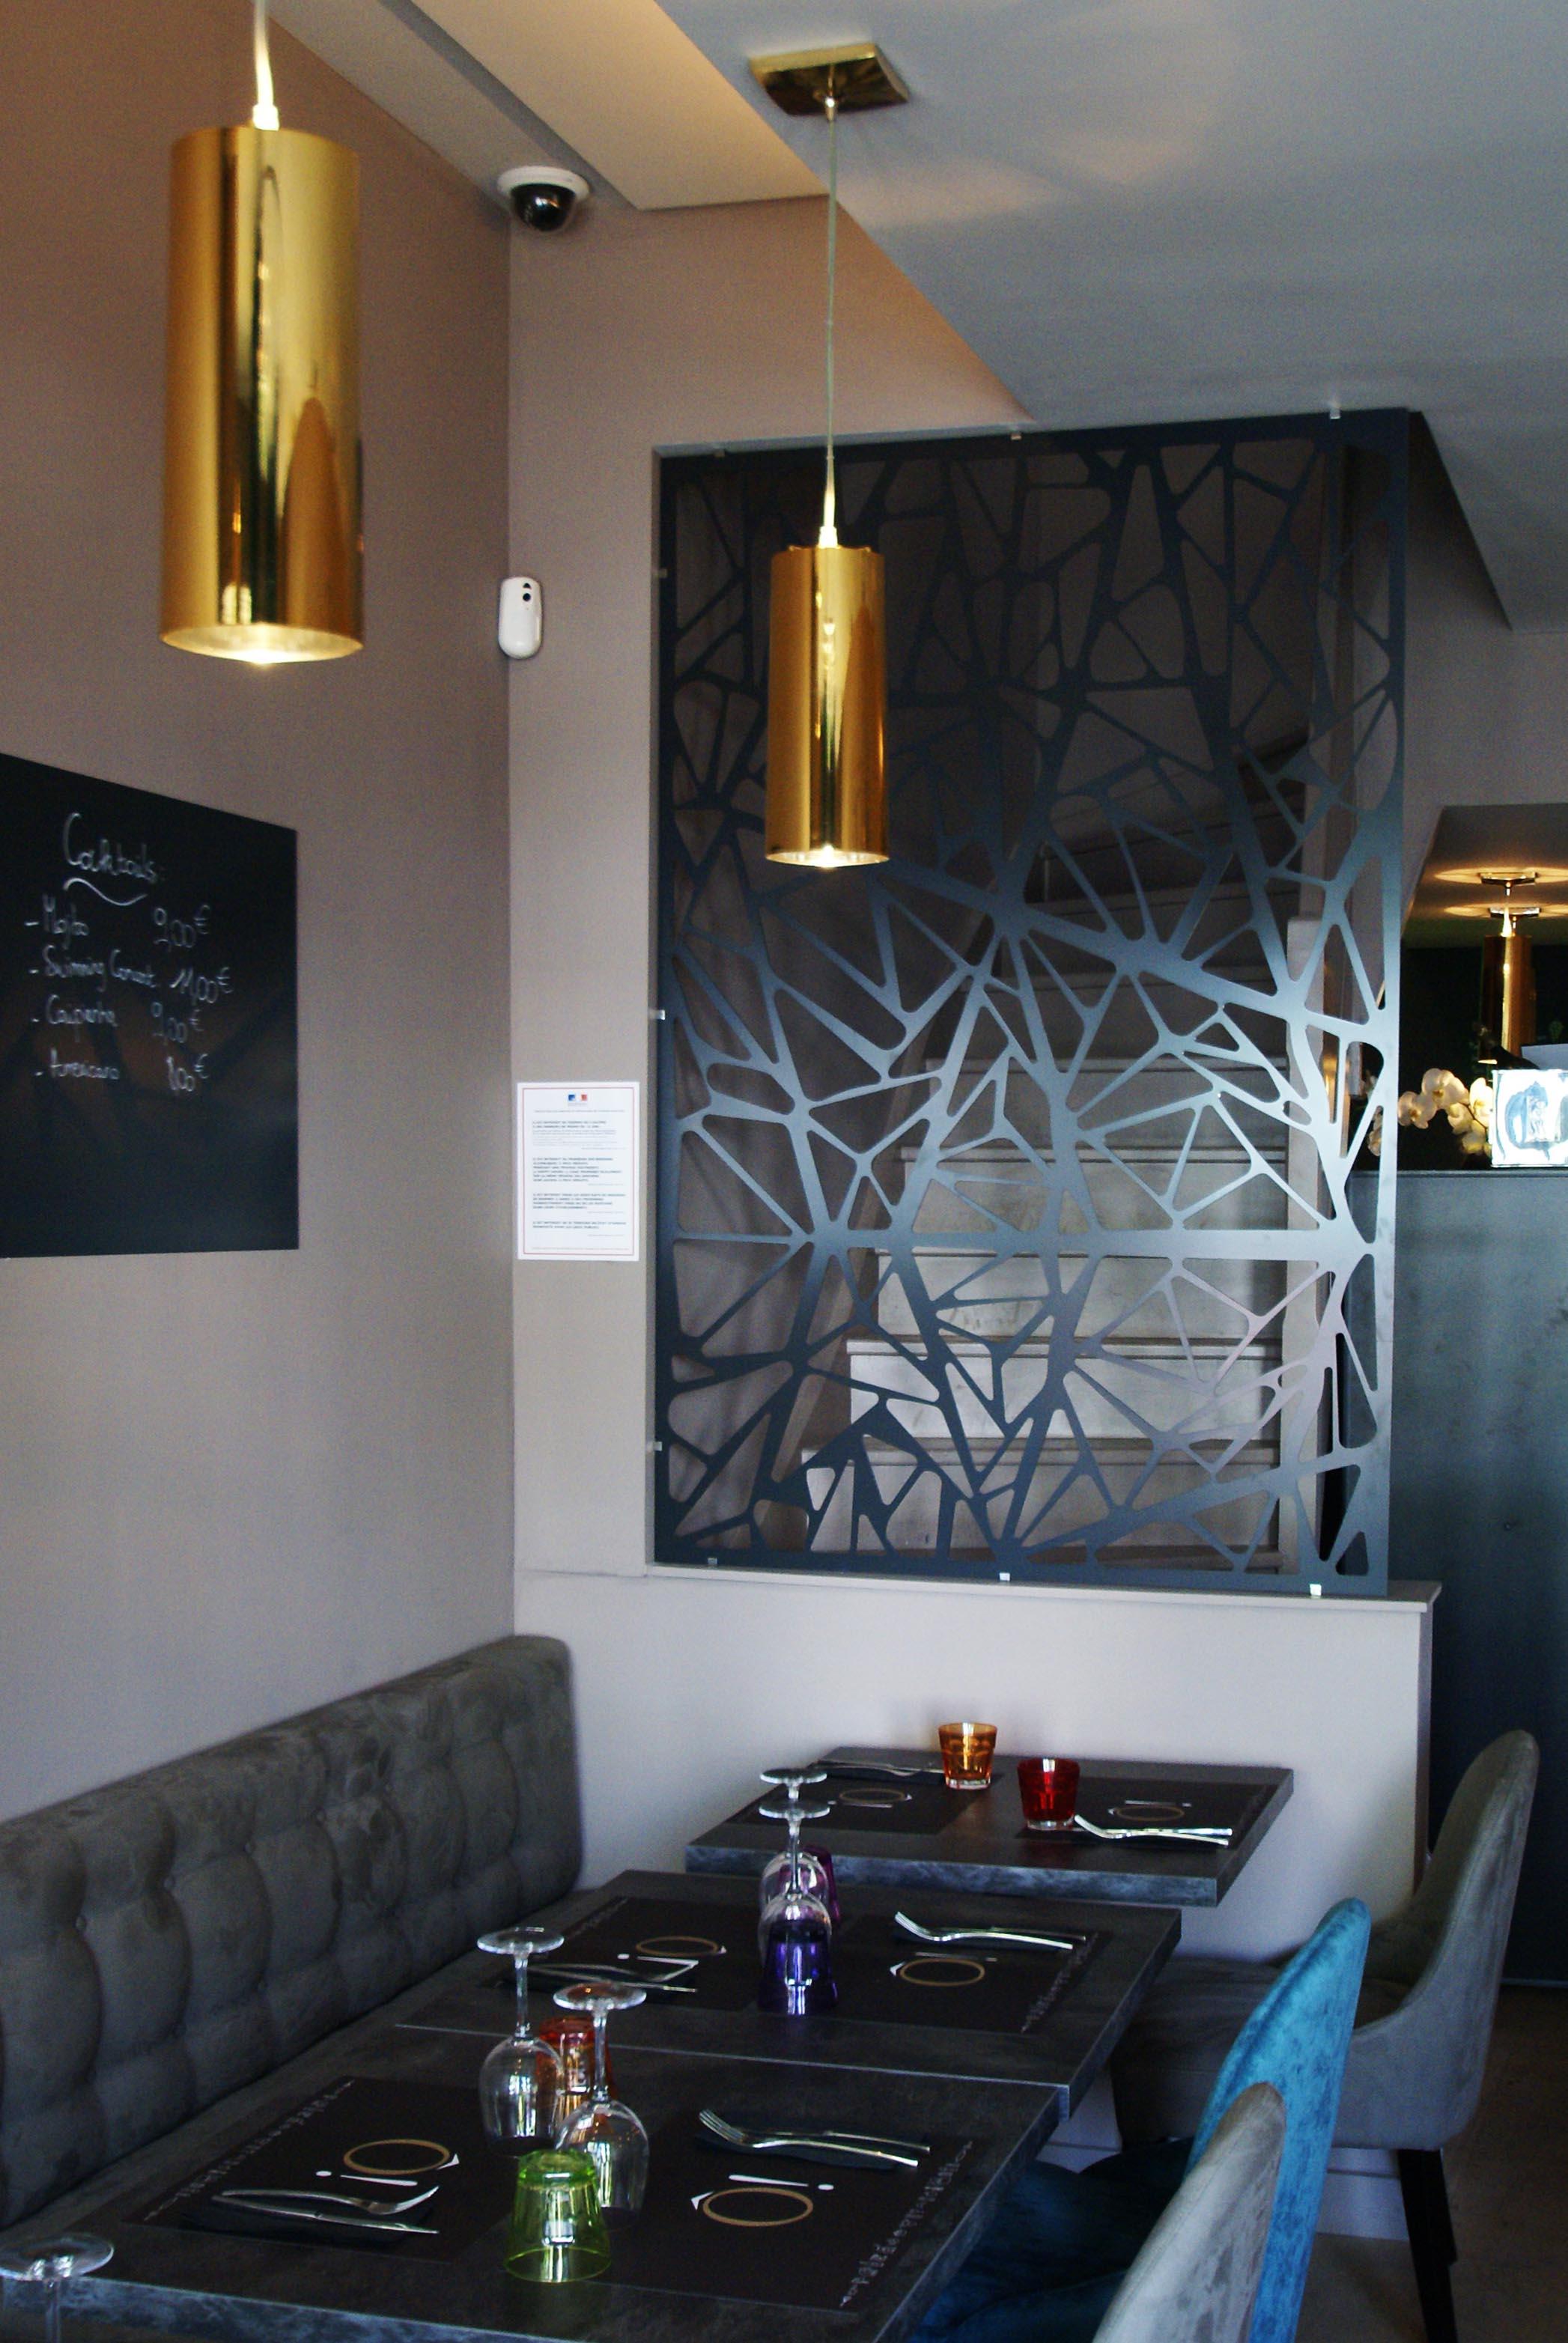 O Concert Lille aménagement intérieur haut de gamme d'un restaurant | dc architecture